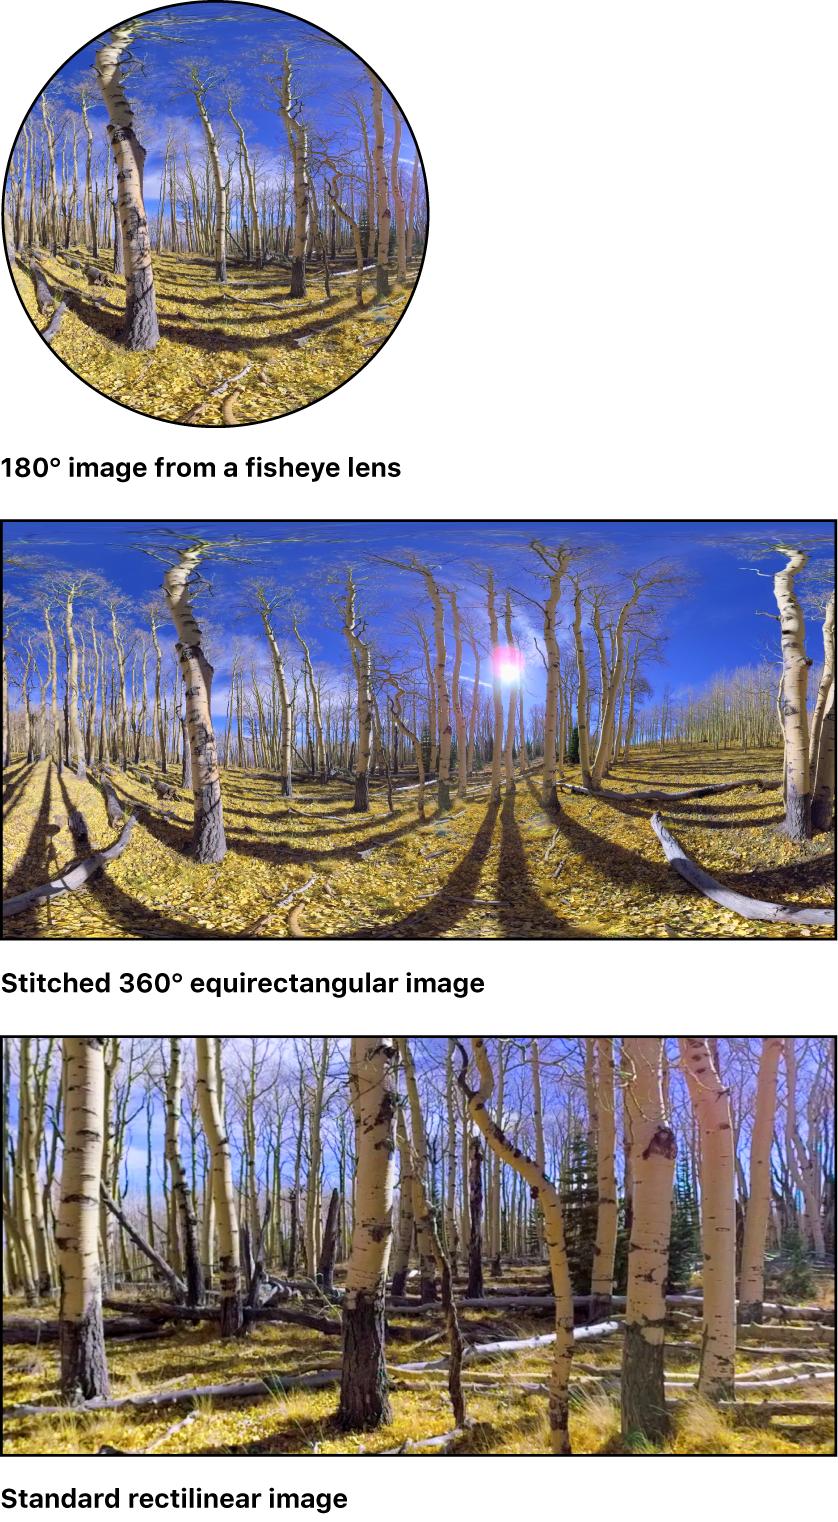 1つの魚眼イメージ、ステッチされた360°イメージ、および標準の球面収差補正イメージ